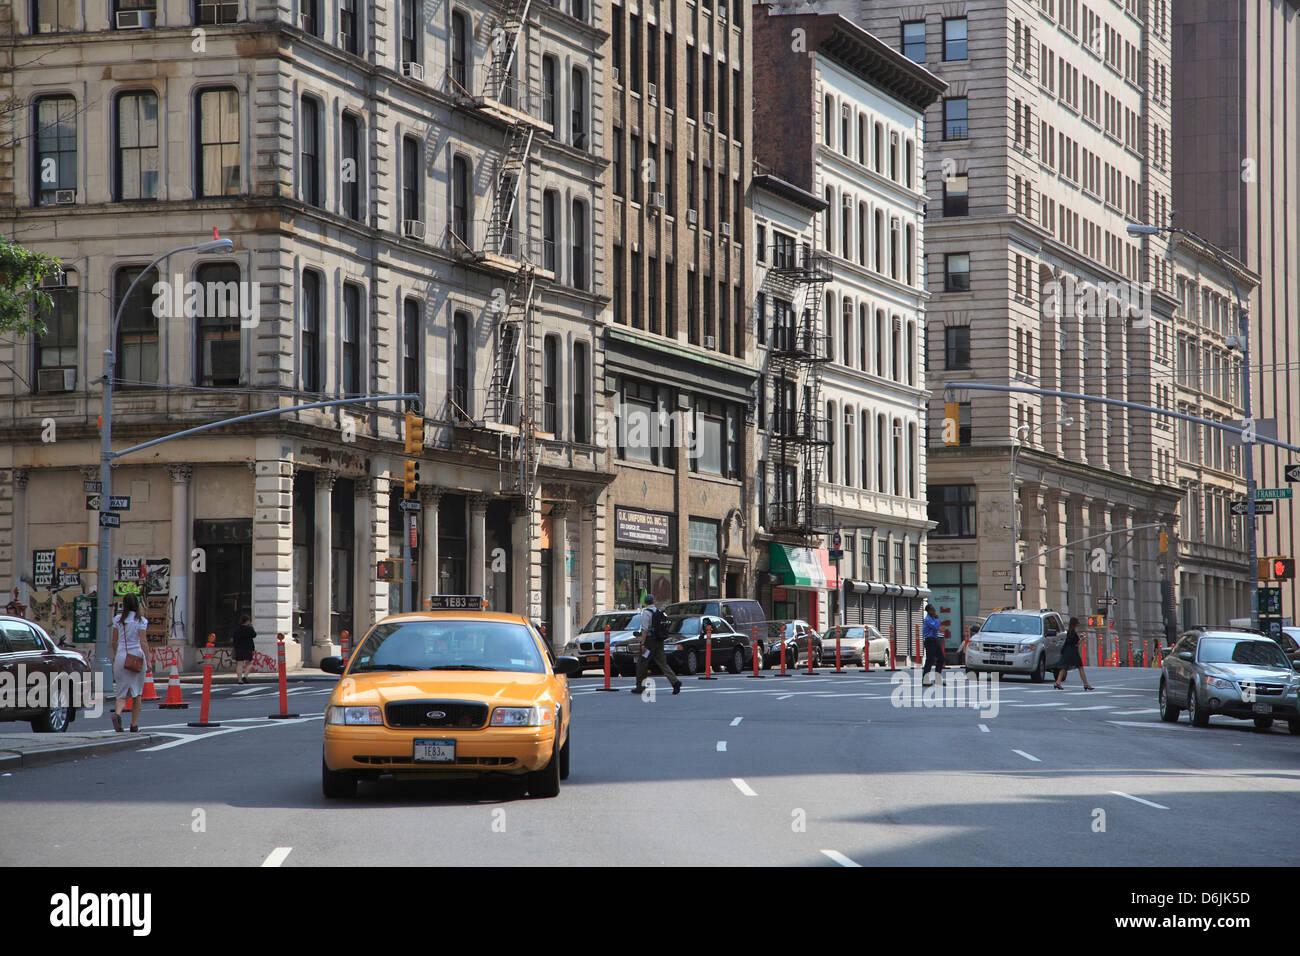 Straßenszene, Tribeca, Manhattan, New York City, Vereinigte Staaten von Amerika, Nordamerika Stockbild